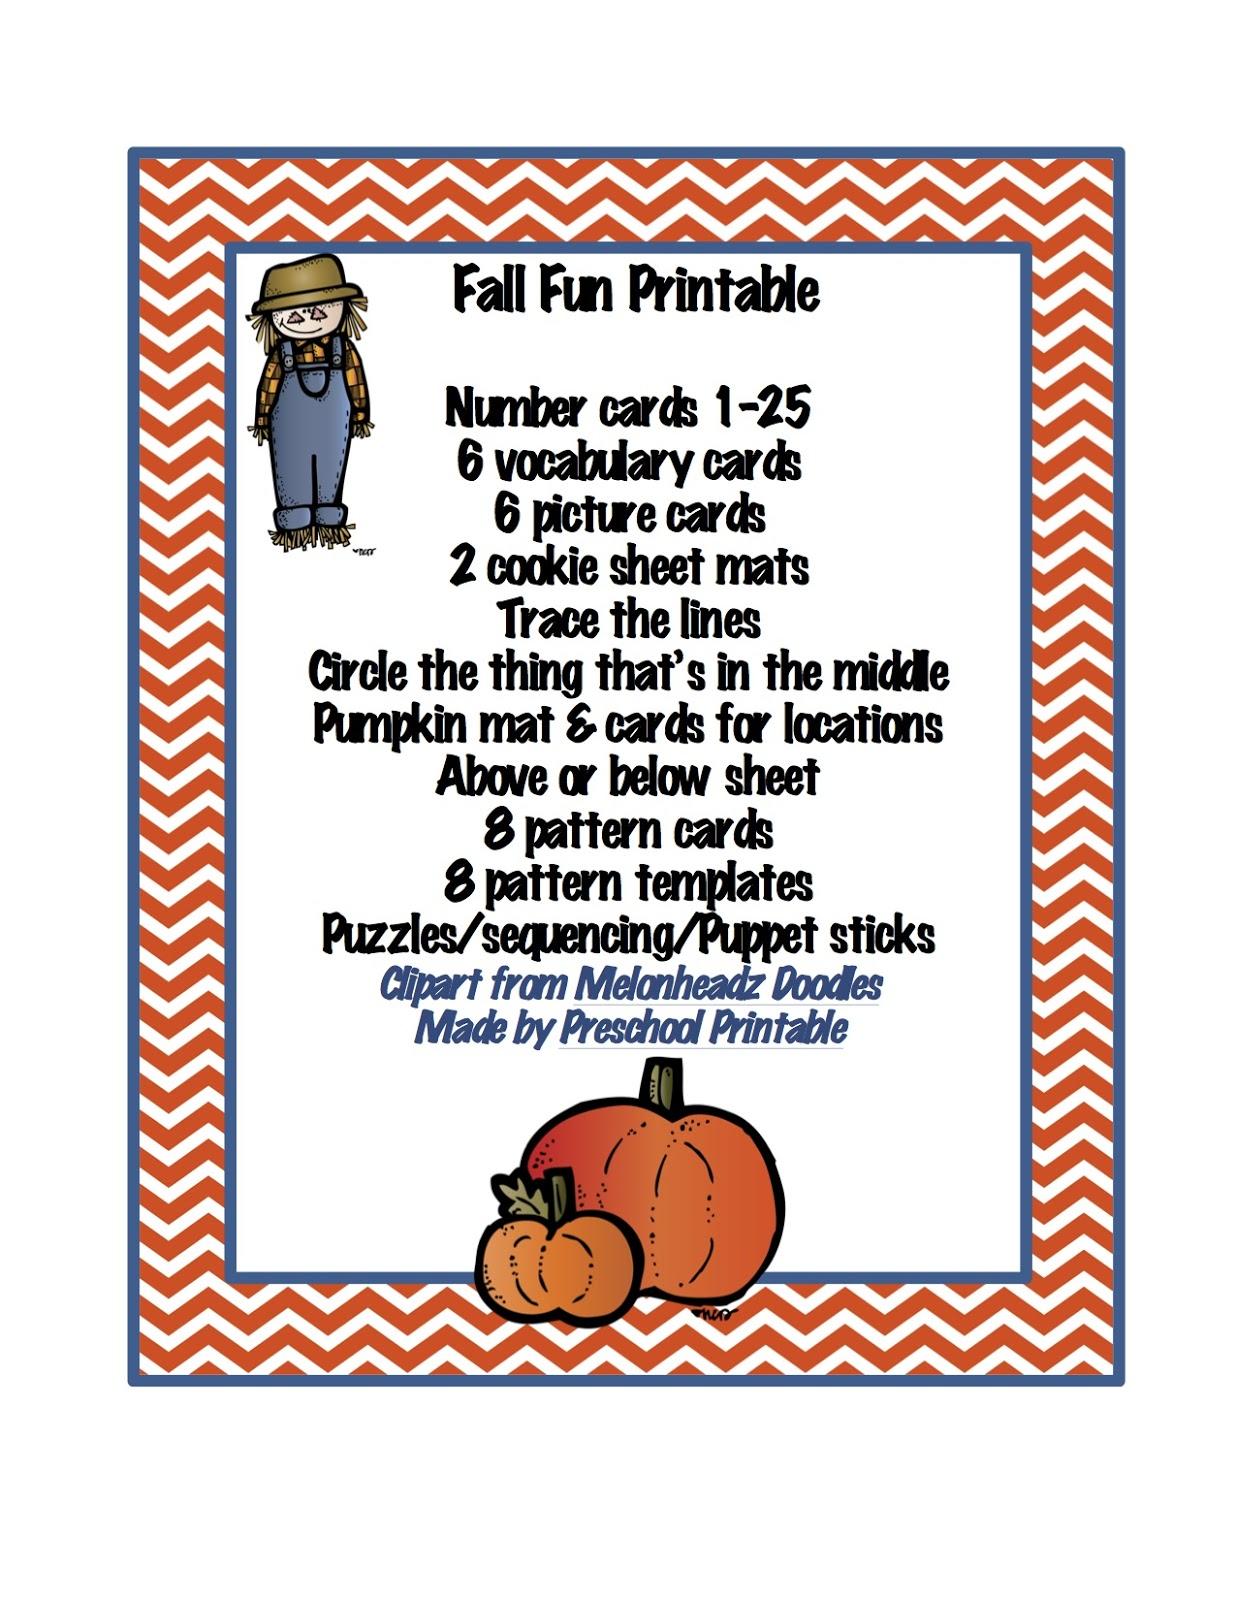 Preschool Printables: Fall Fun Printable - Cliparts.co